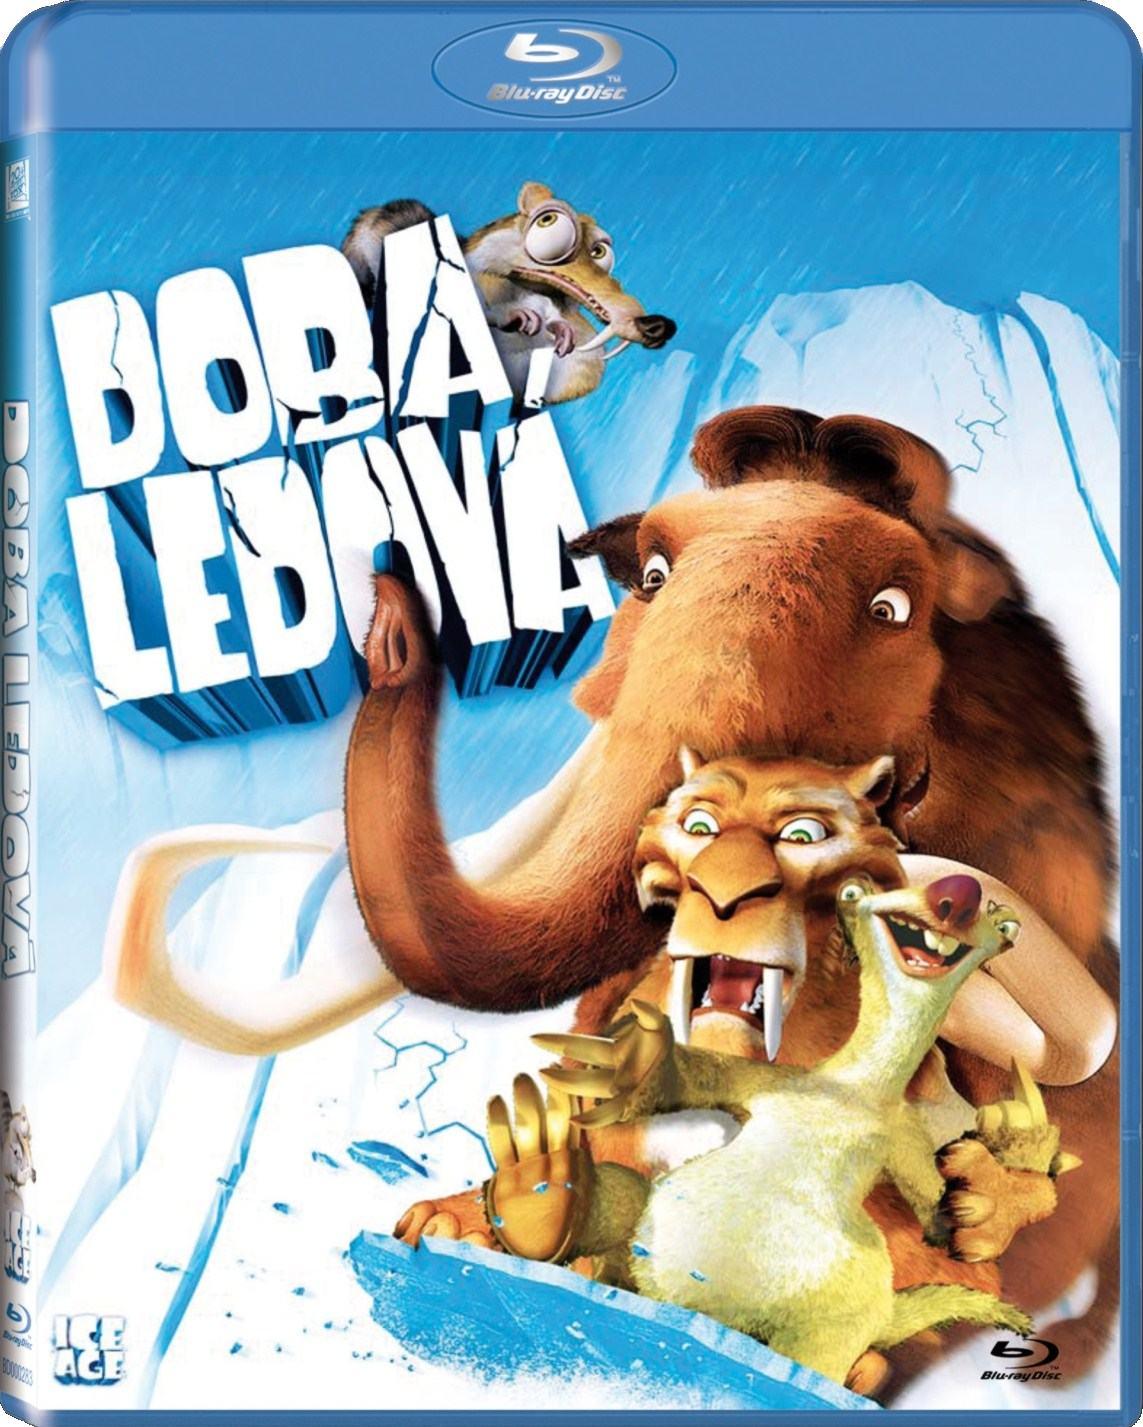 DOBA LEDOVÁ - Blu-ray